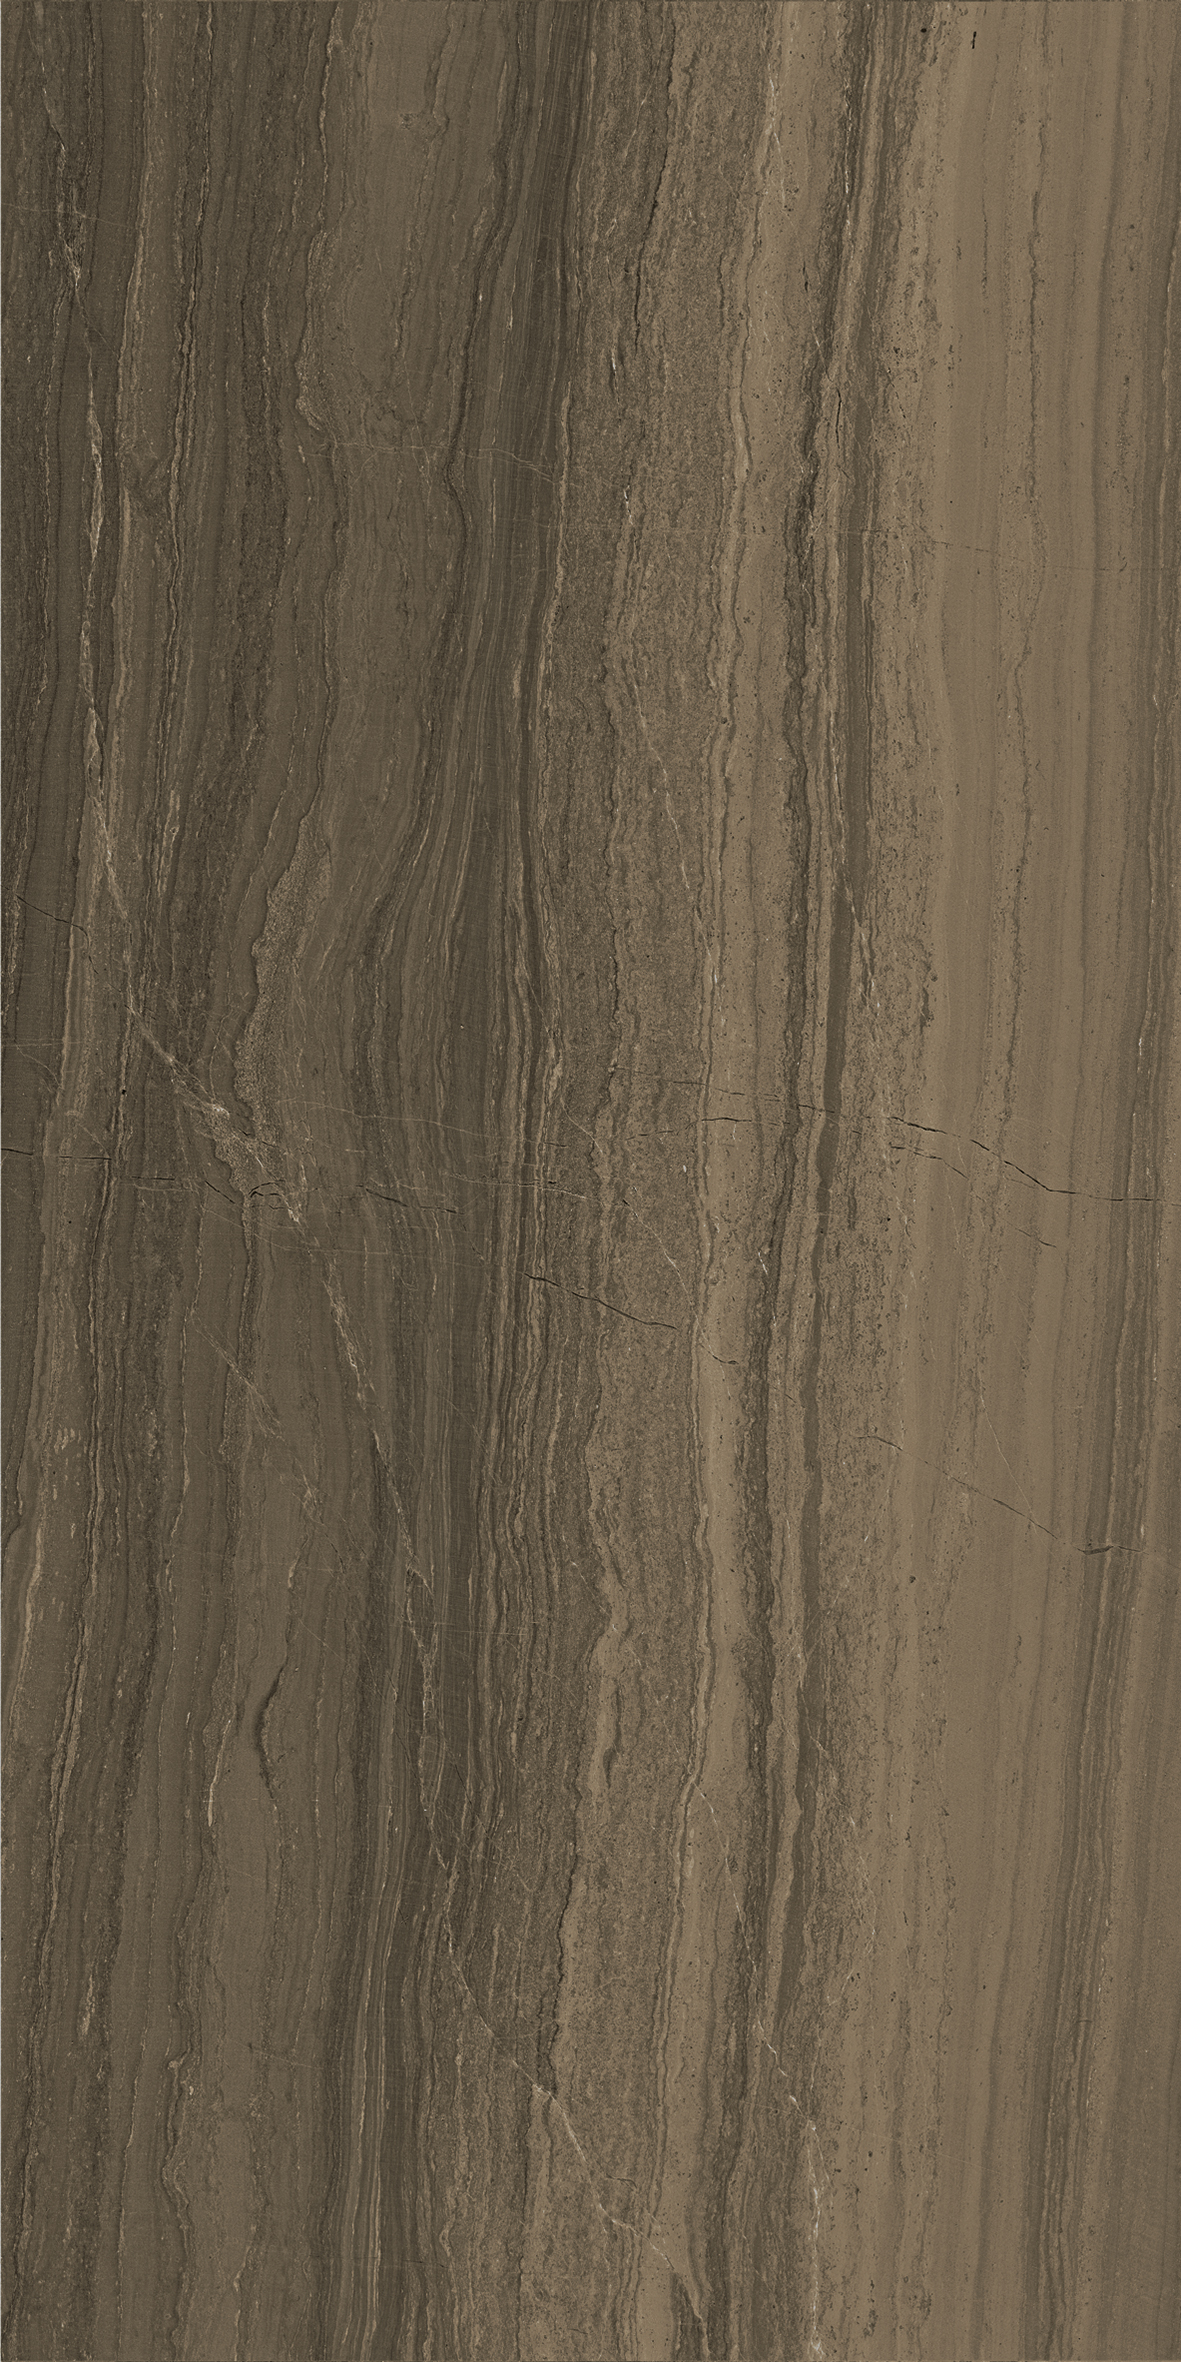 Highland sp hl cocoa 1836 f12 USG1836202